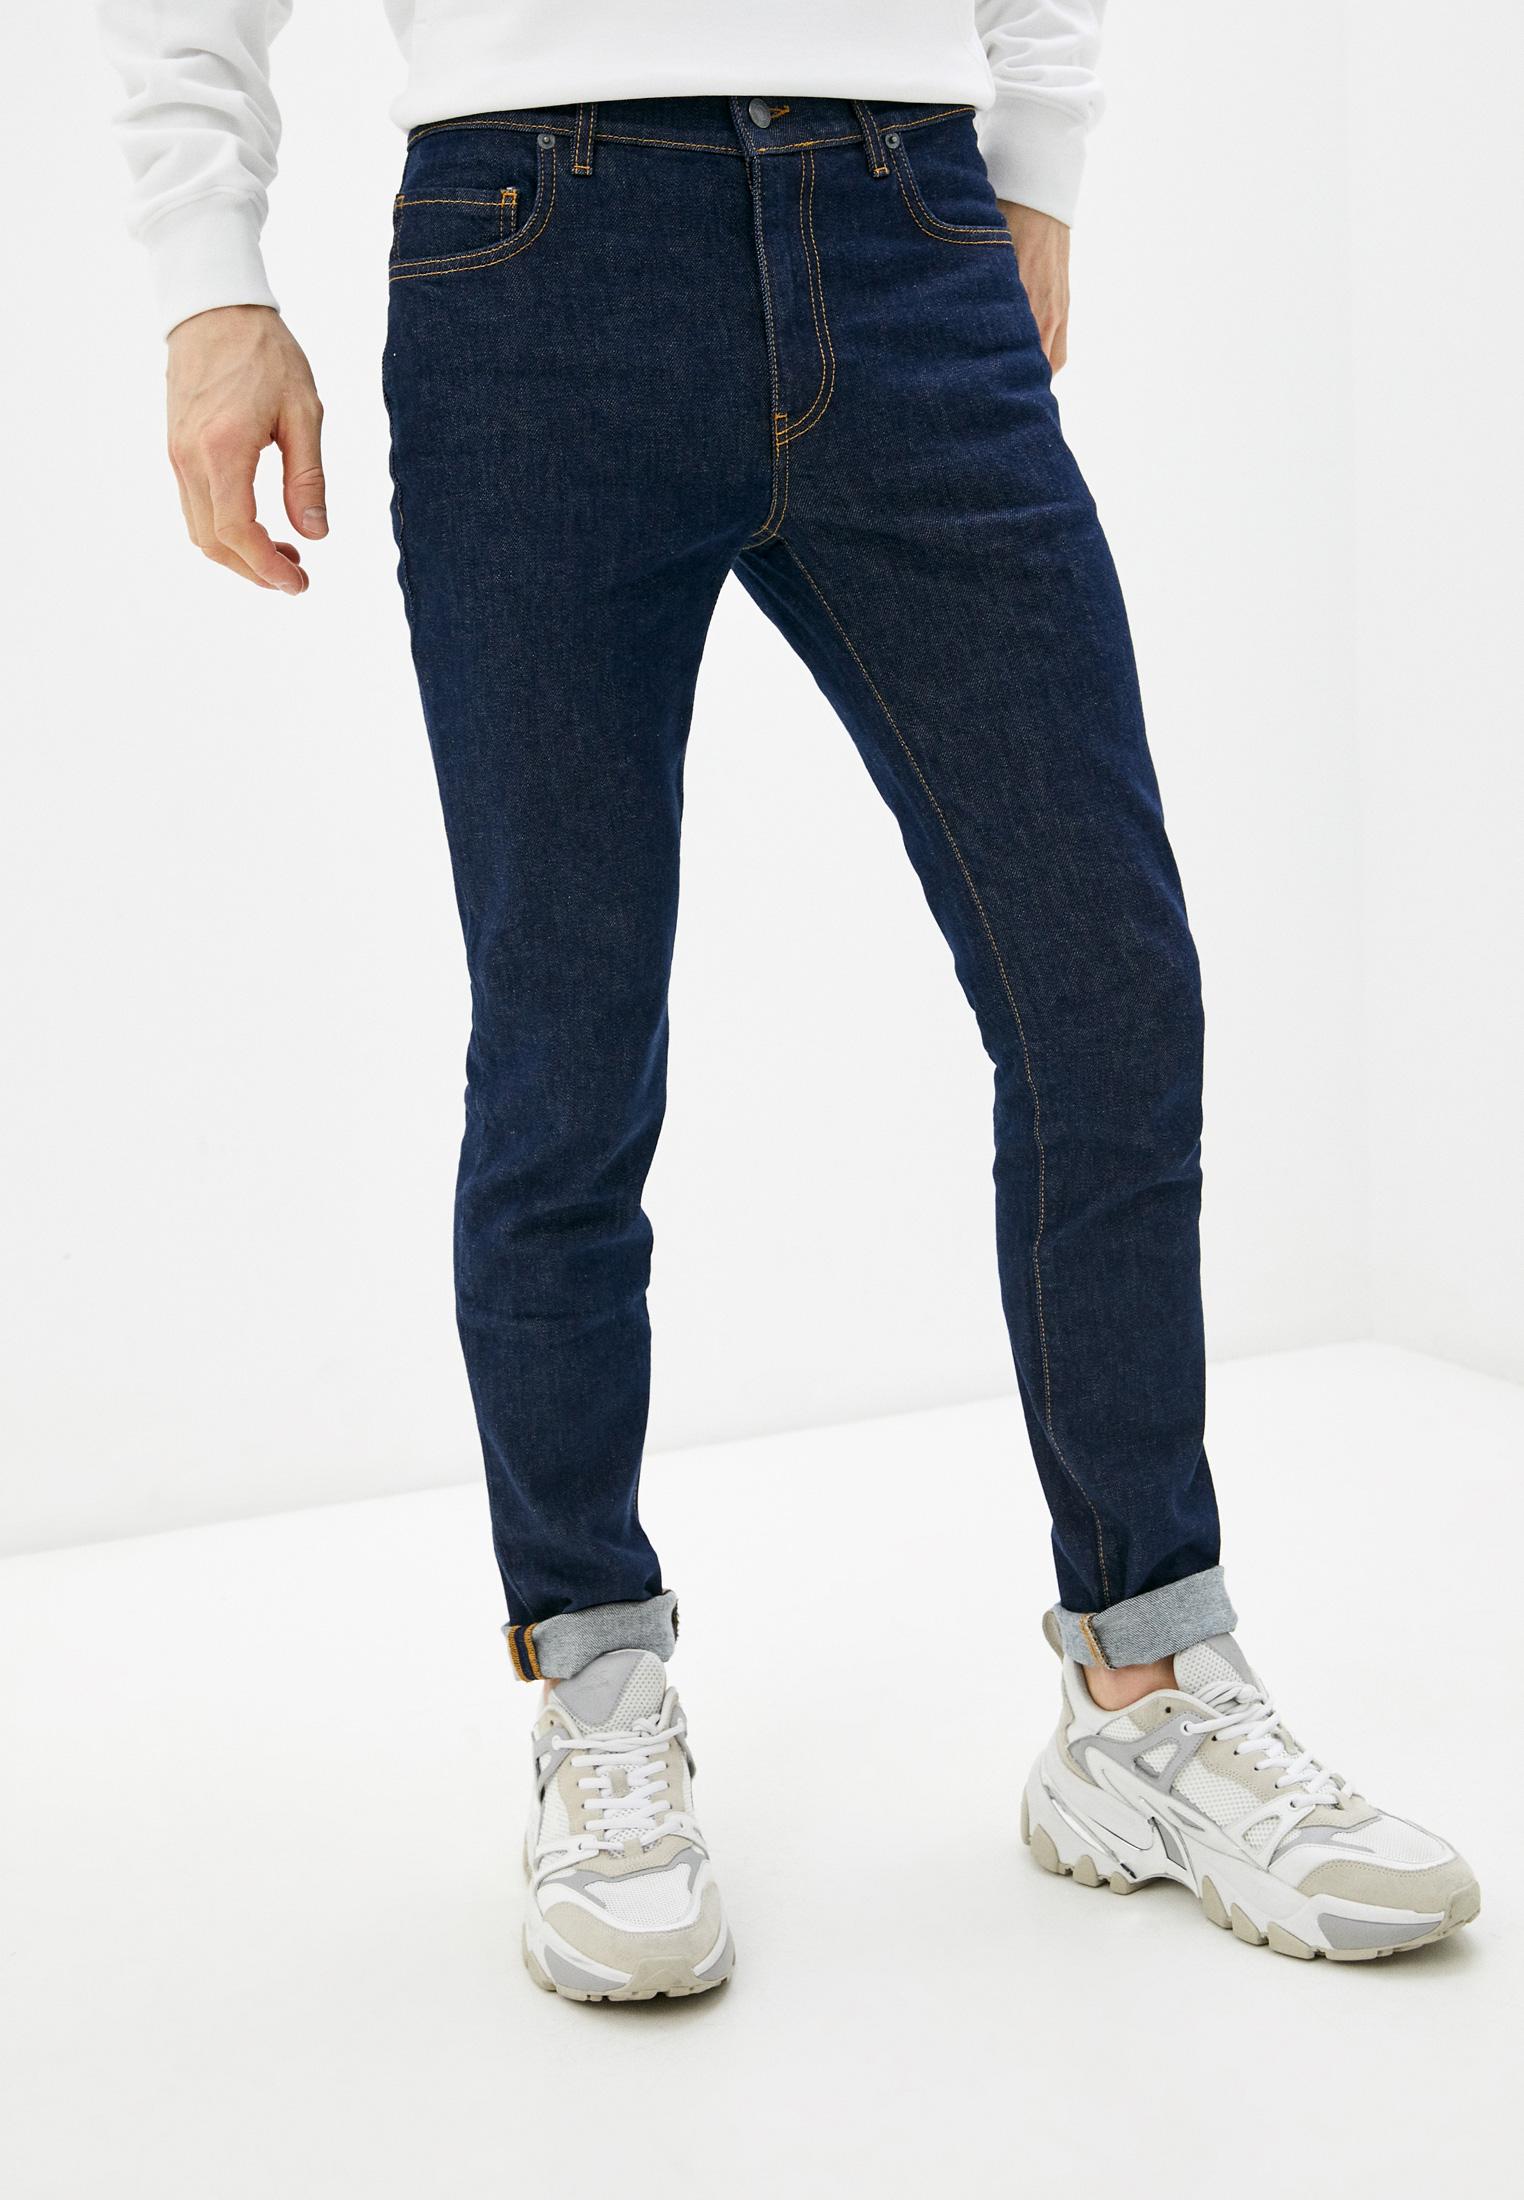 Зауженные джинсы Moschino Couture Джинсы Moschino Couture